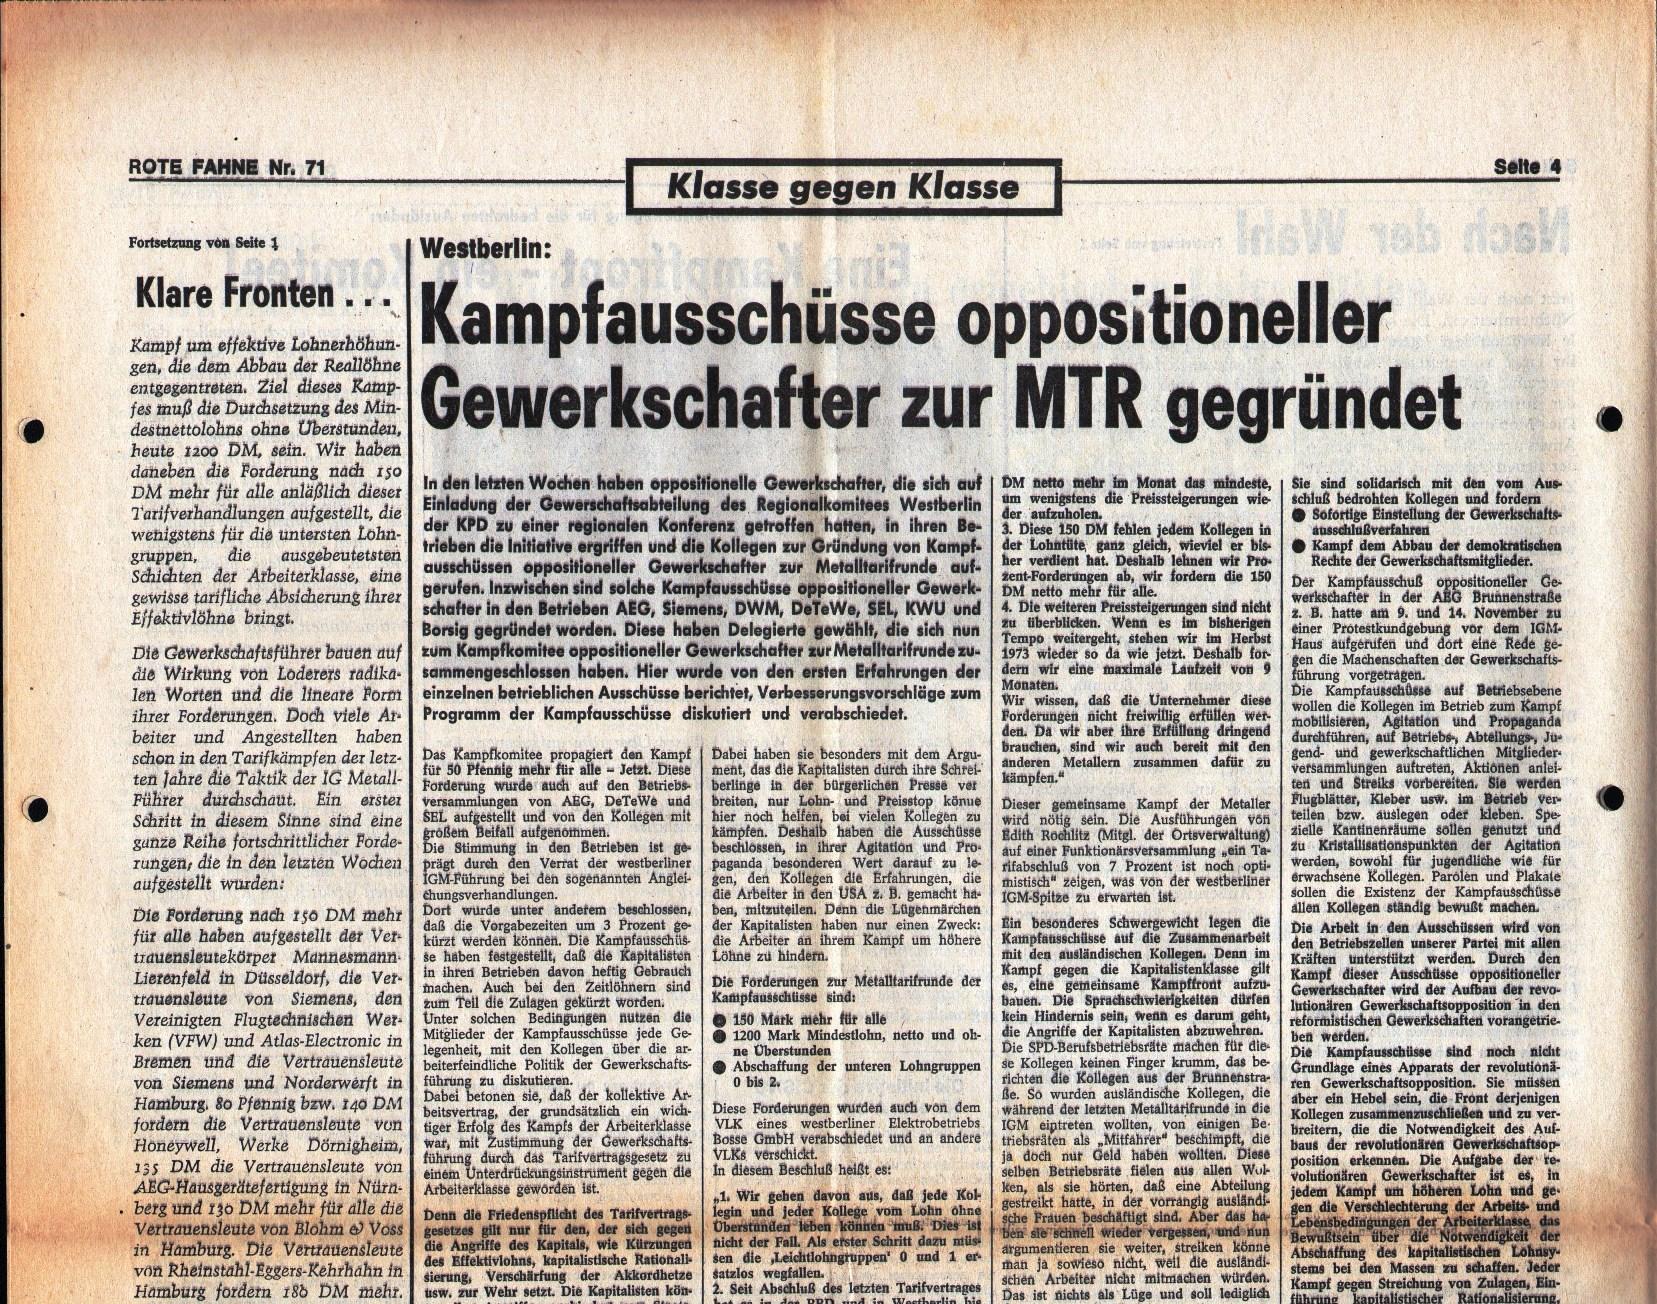 KPD_Rote_Fahne_1972_71_07